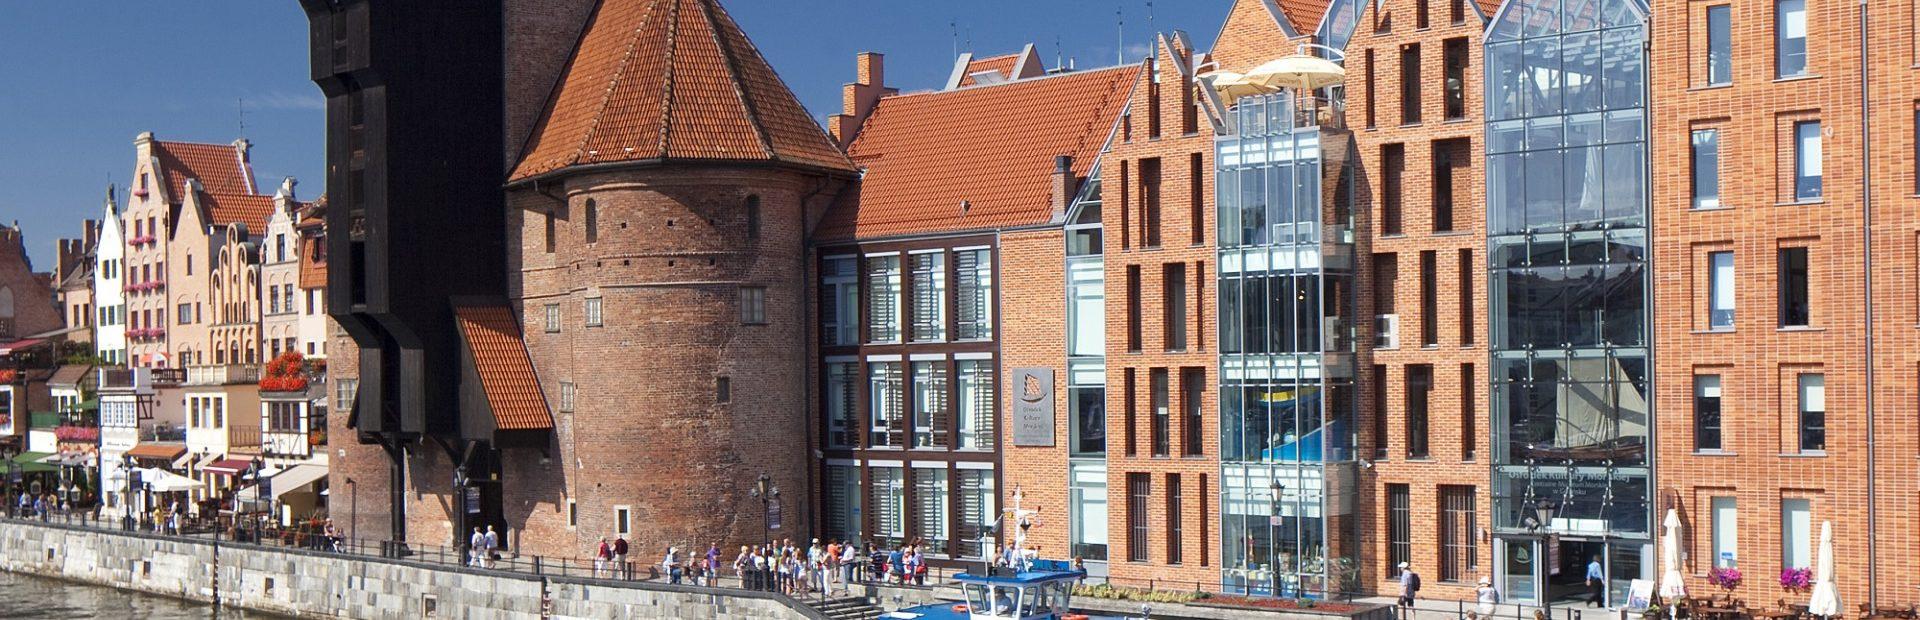 Ośrodek Kultury Morskiej – oddział Narodowego Muzeum Morskiego